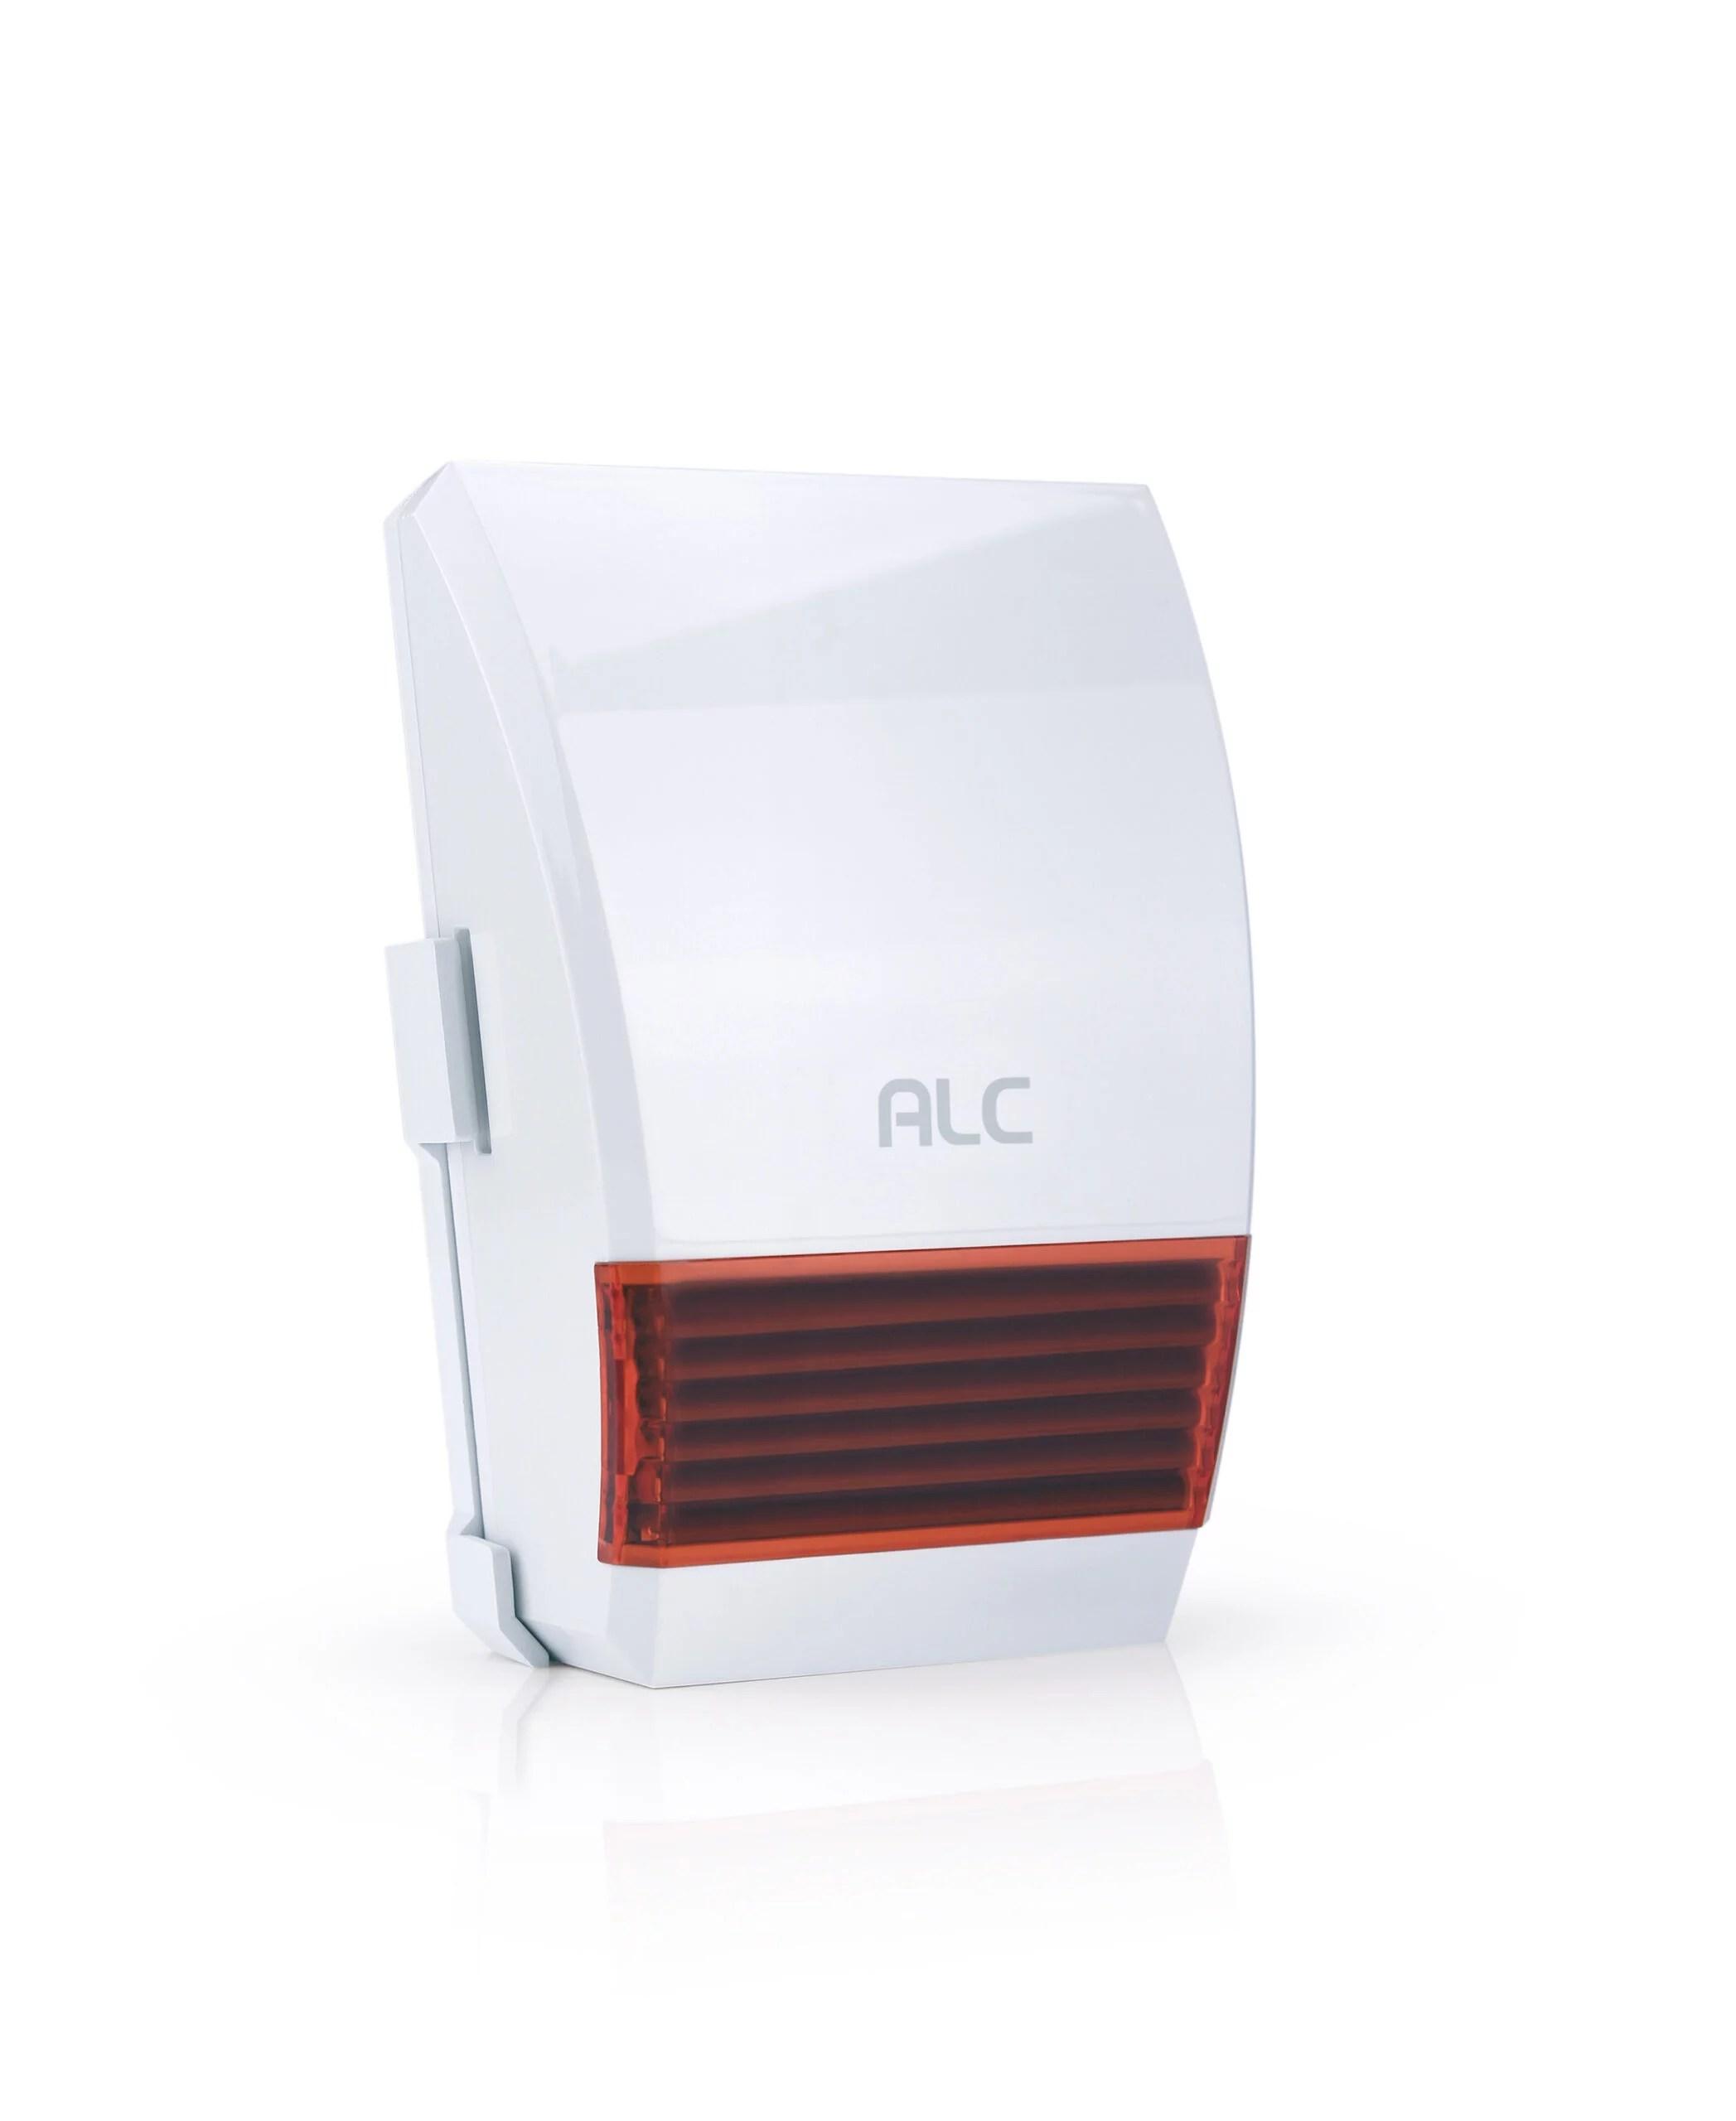 ALC Wireless AHSS51